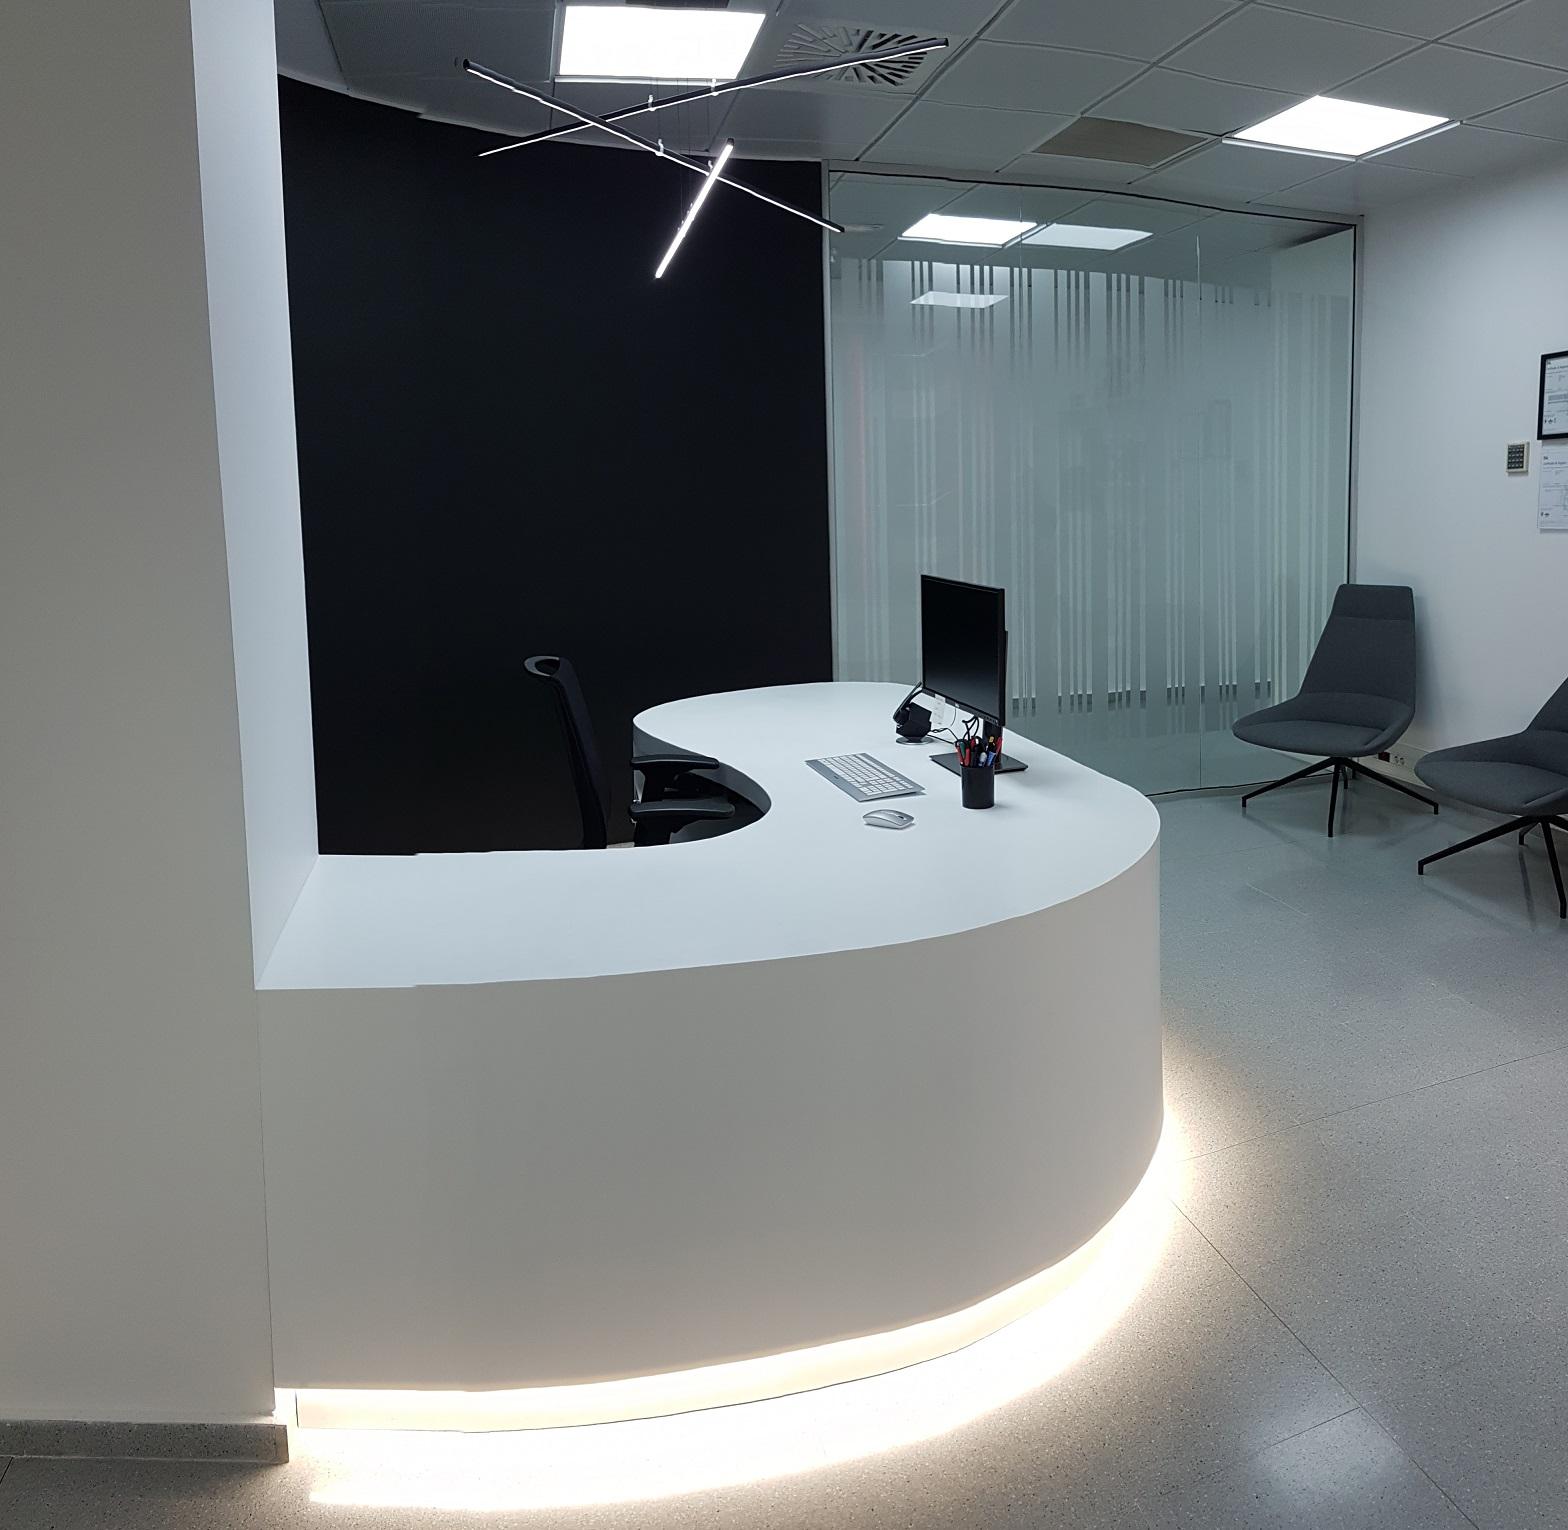 Proyectos de oficina en Sevilla: Decoración de zonas de recepción